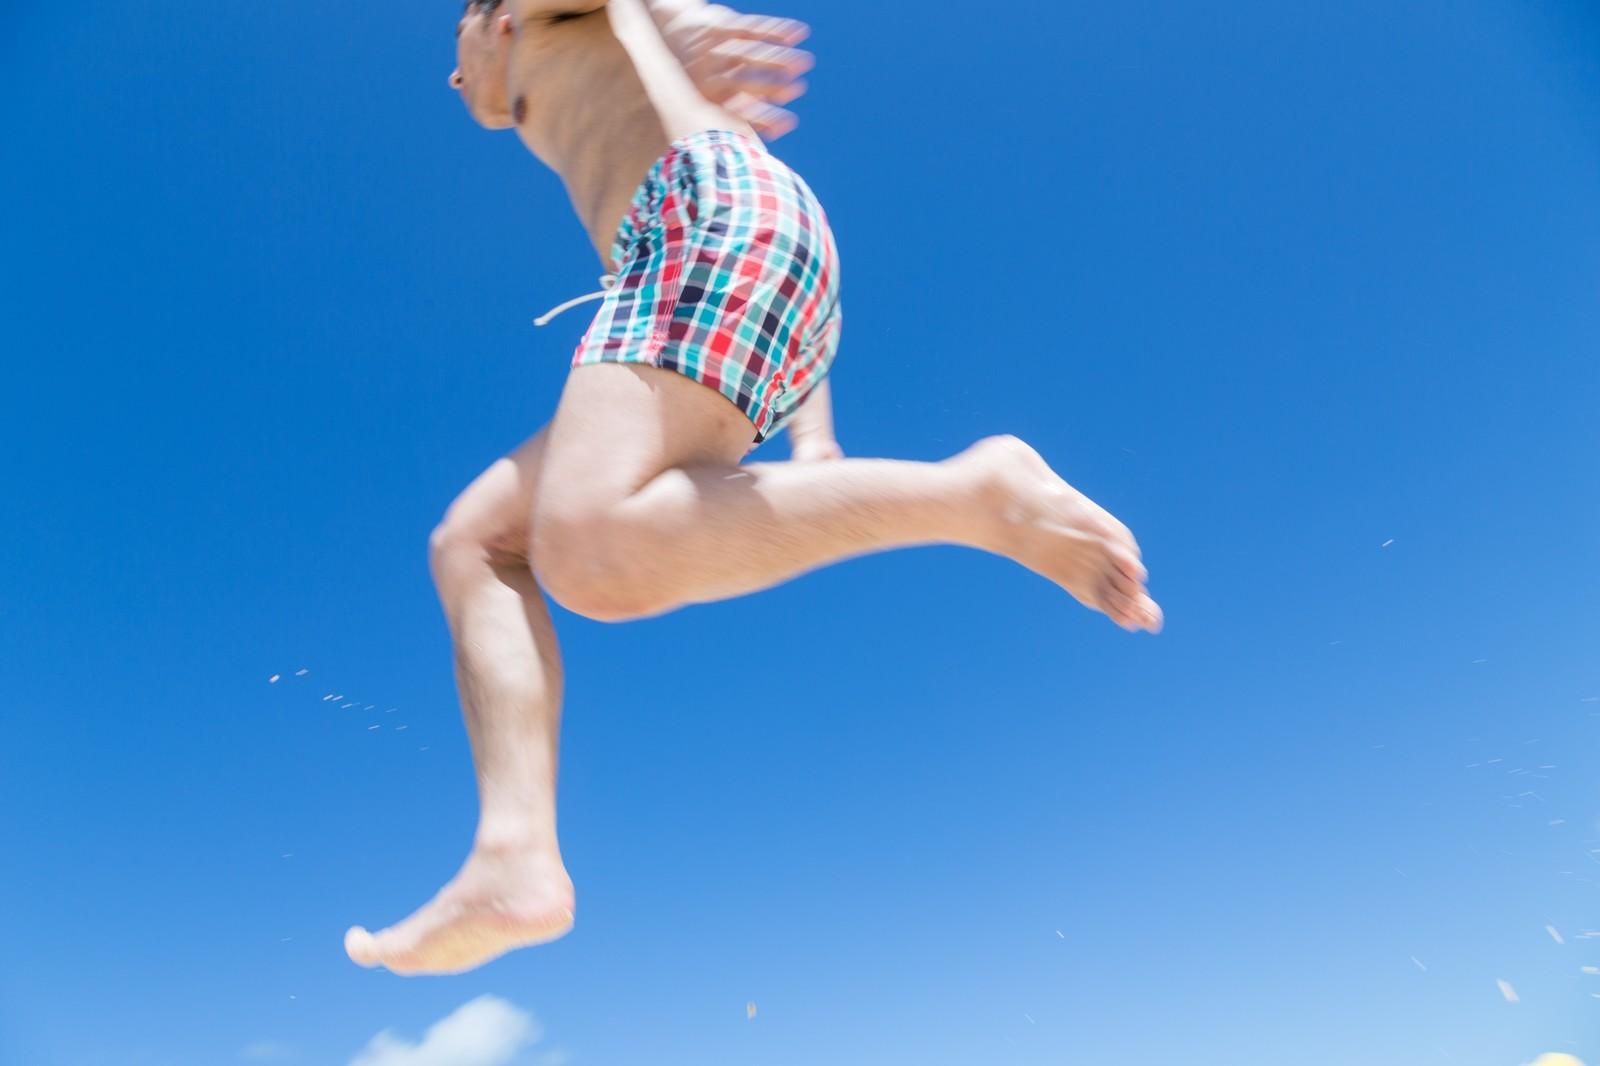 プールで着る水着選びで男性が押さえるべきポイントとトレンド